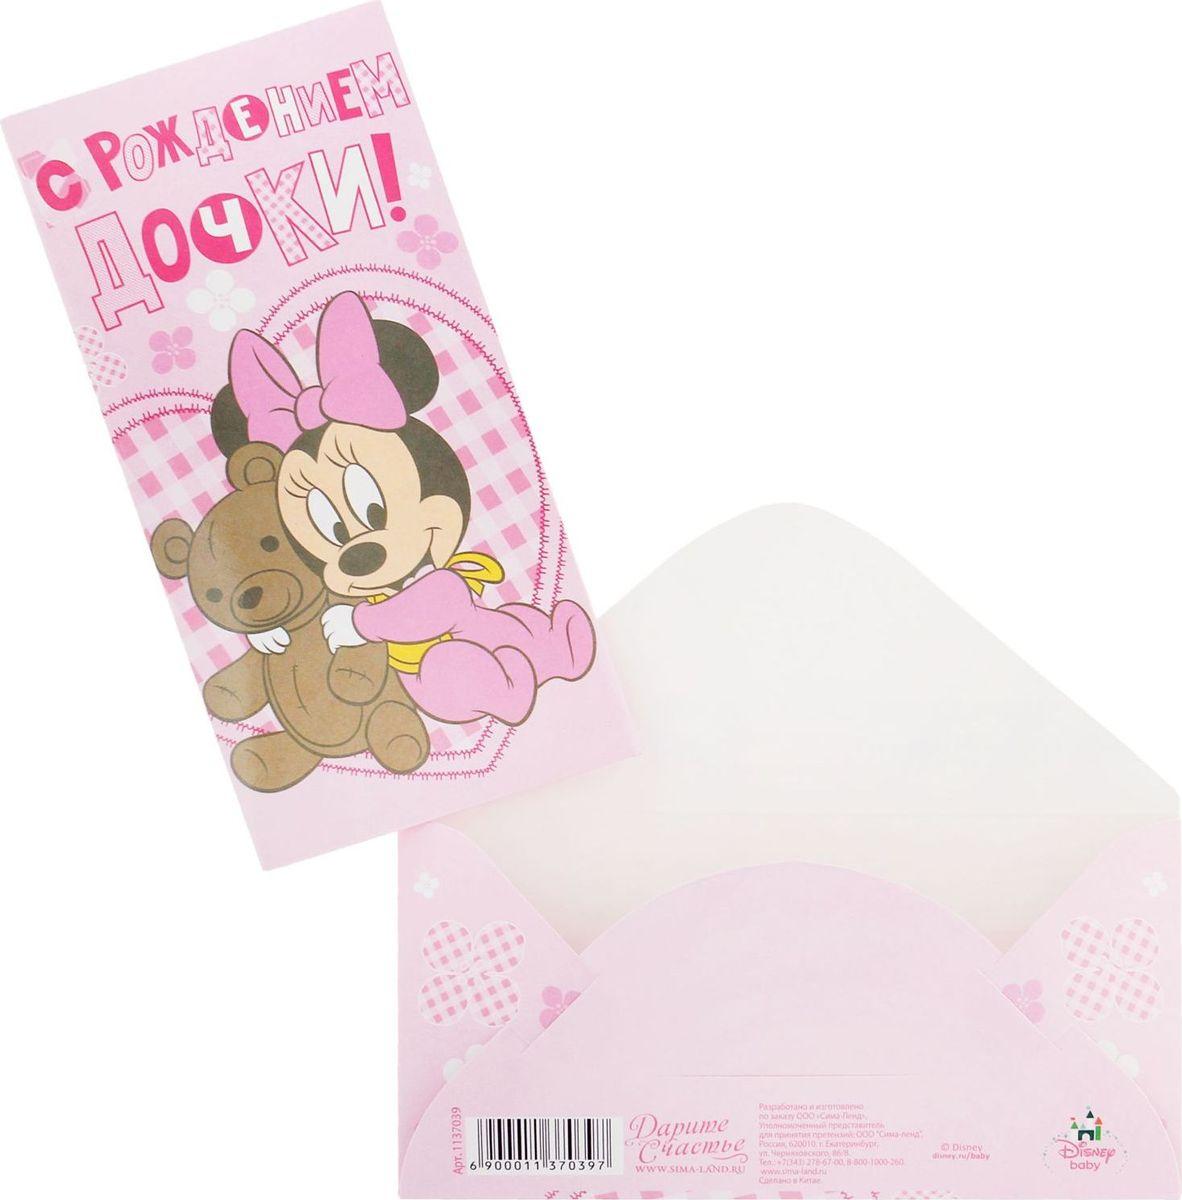 Конверт для денег Disney С рождением дочки. Минни Маус, 17 х 8,5 см1137039Дарите радость вместе с Disney! Кто не любит получать деньги в качествеподарка? Преподносить их, несомненно, не менее приятно. Купюры любогодостоинства обязательно порадуют адресата, если они будут в такой упаковке.В конверт вы также можете положить подарочную карту или сертификат.Изделие изготовлено из картона.